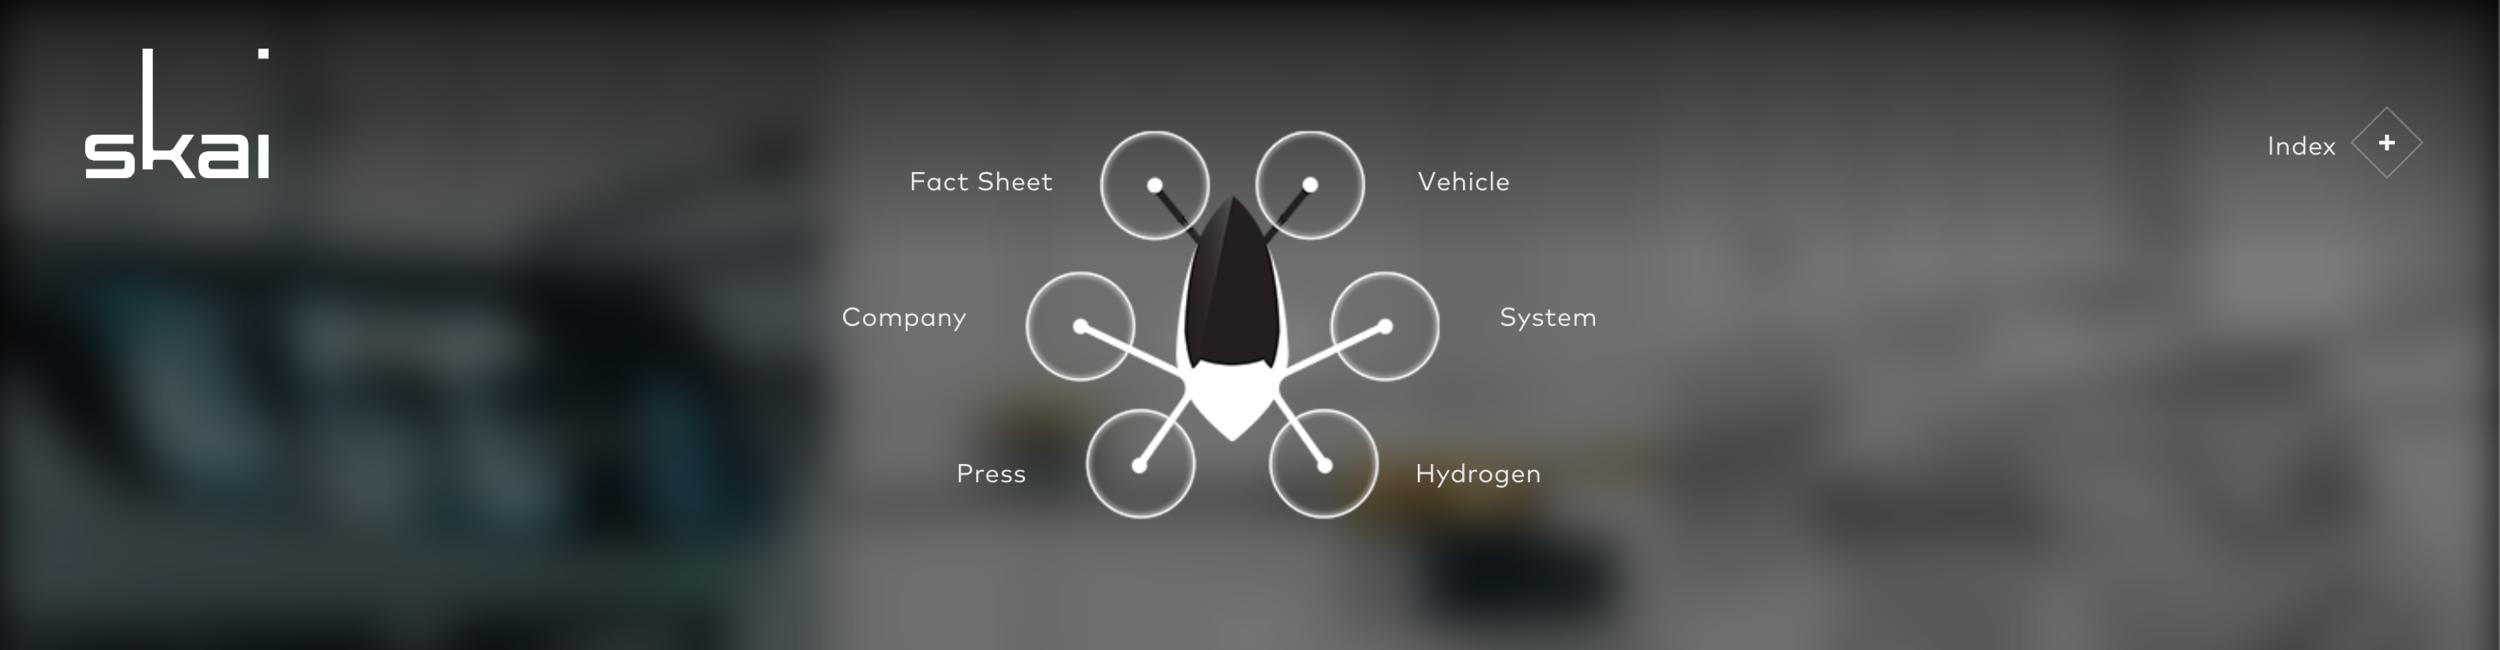 Website Navigation Logo Creation: Done in Illustrator